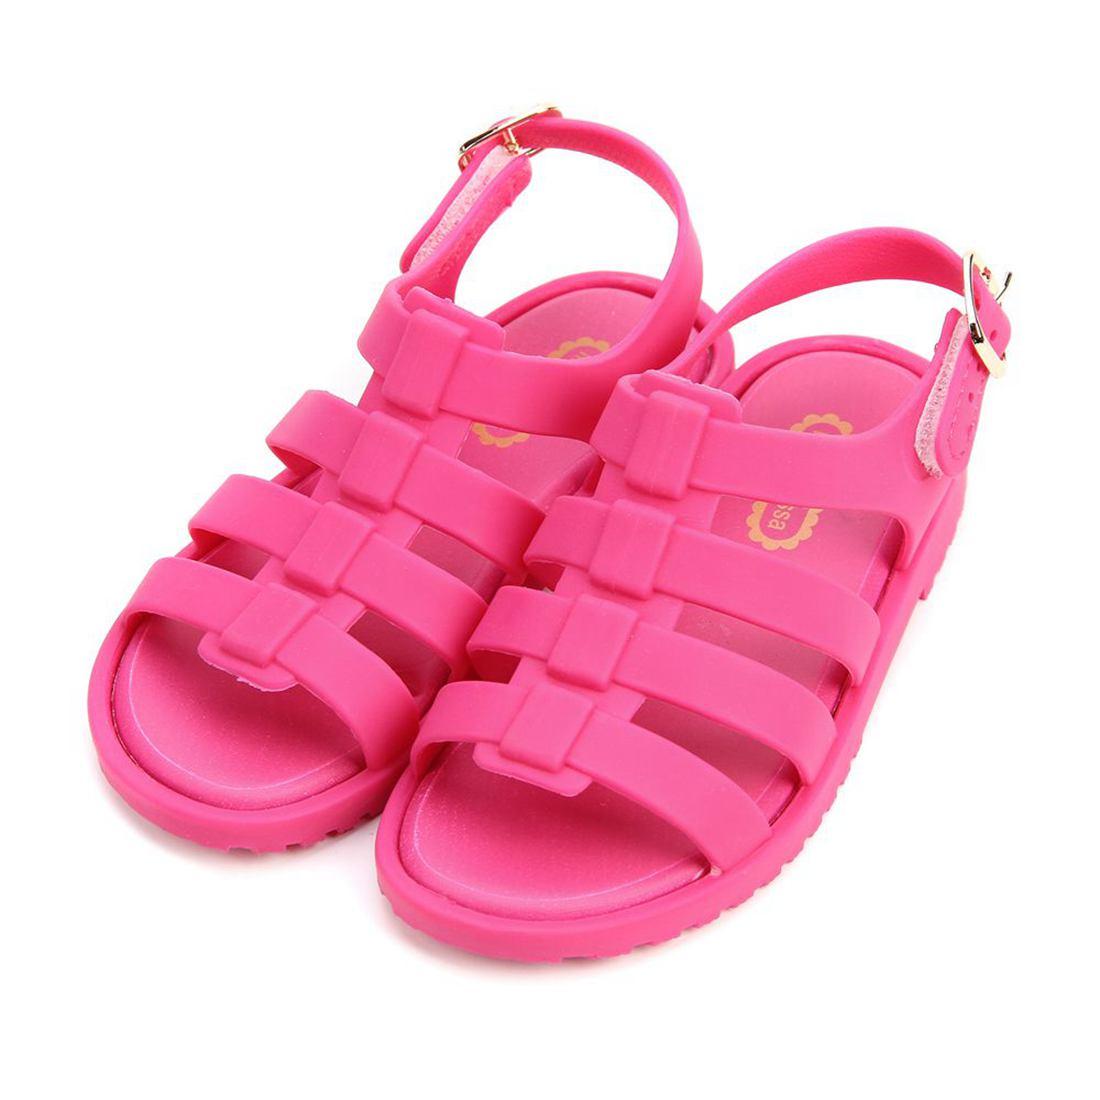 Mini Melisse 2017 Sommer Neue Römische Schuhe Mädchen Sandalen Flox Kinder Jelly Soft Einlegesohle PVC Schuh Flach auf Weiche boden Rutschfeste